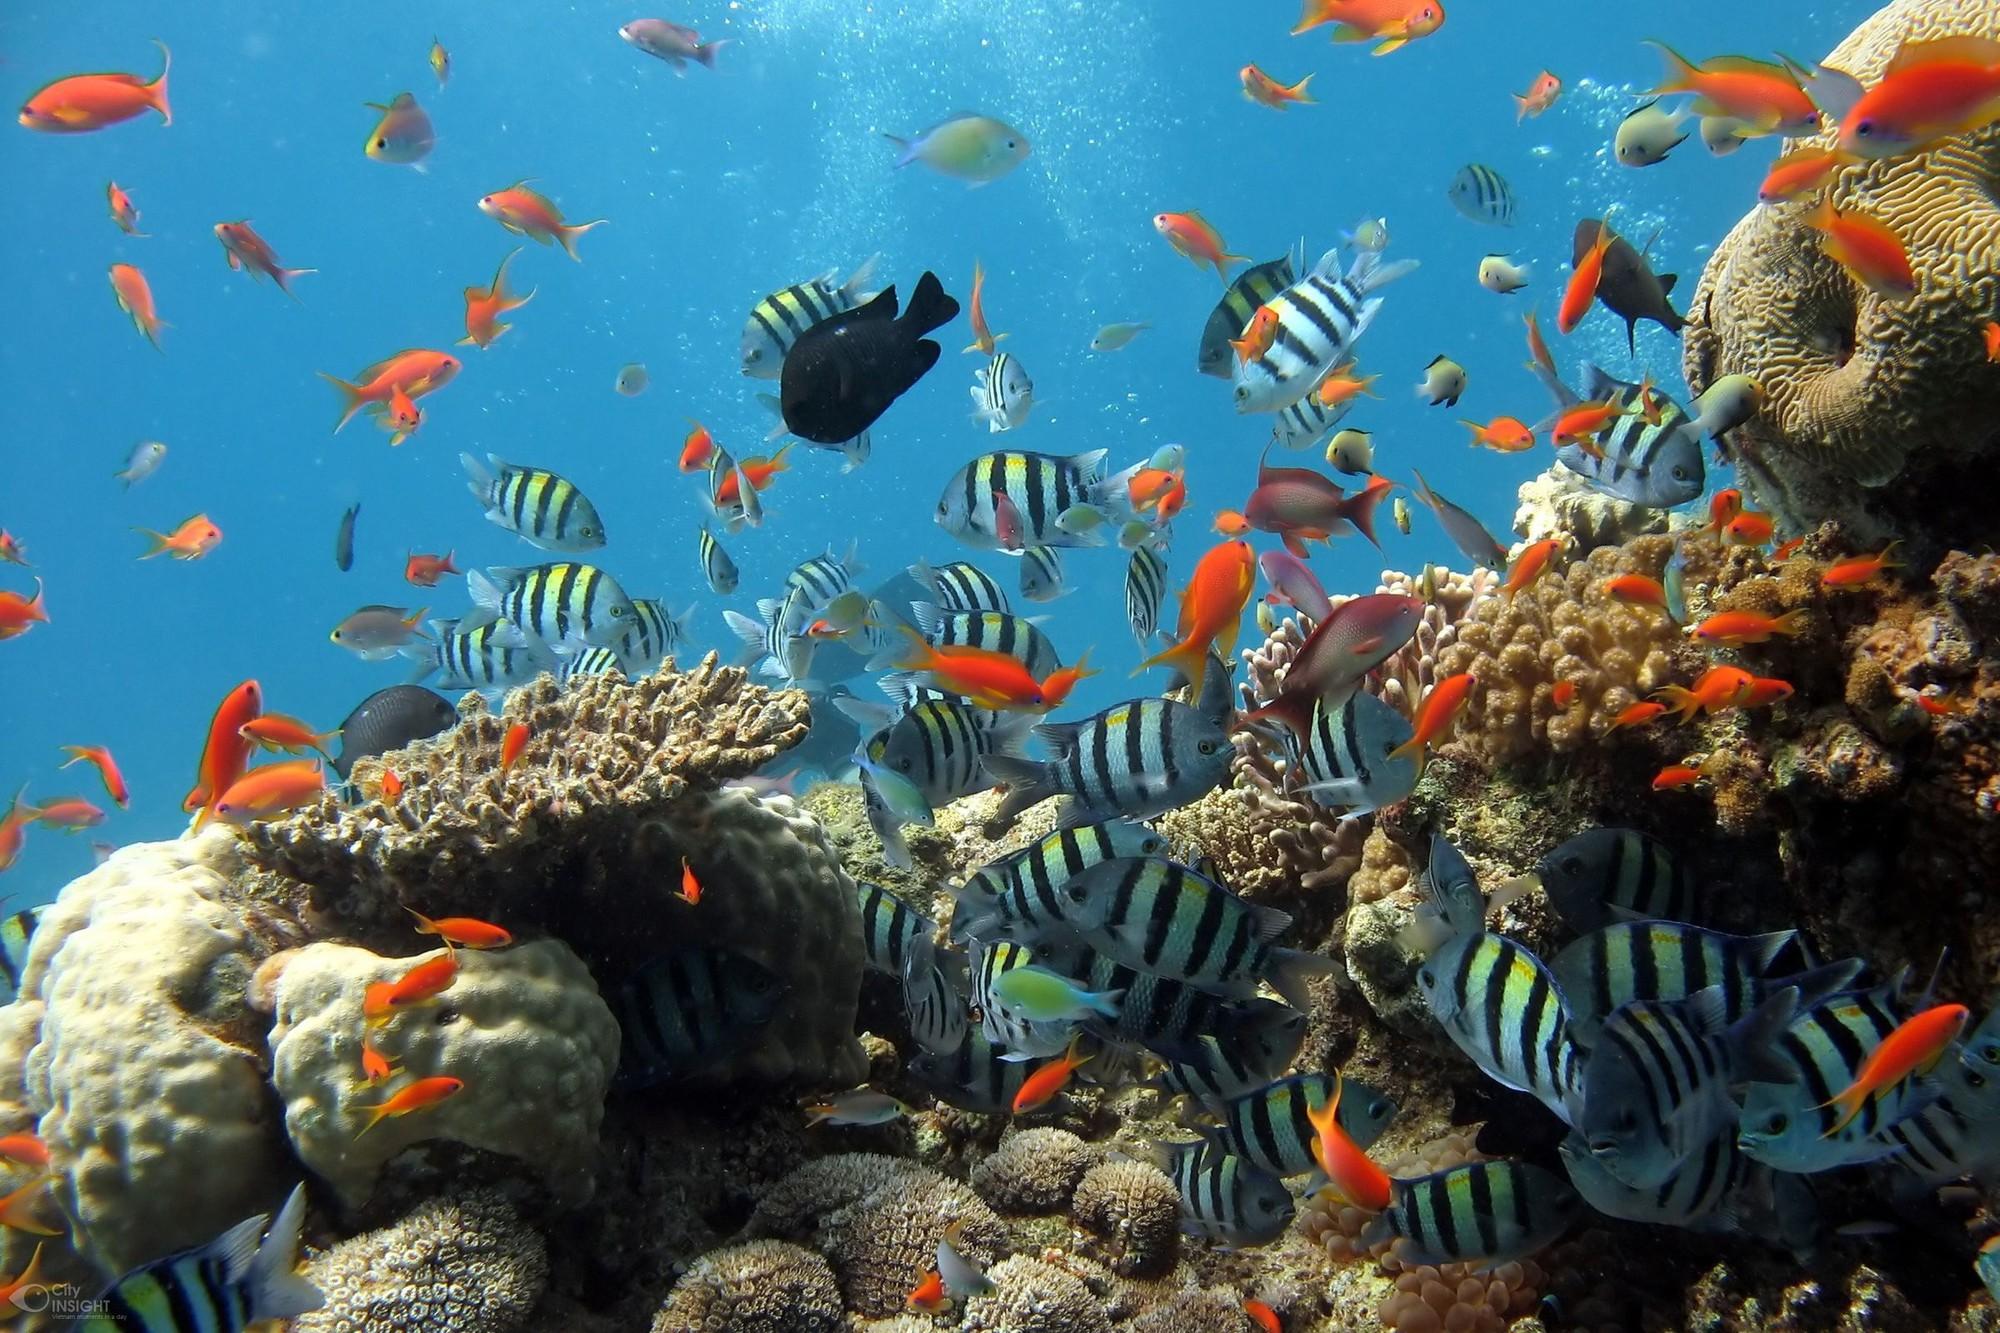 Rùa biển thở bằng phổi, vậy chúng làm thế nào để ăn được dưới nước? Đáp án là sự kỳ diệu của tạo hóa - Ảnh 3.